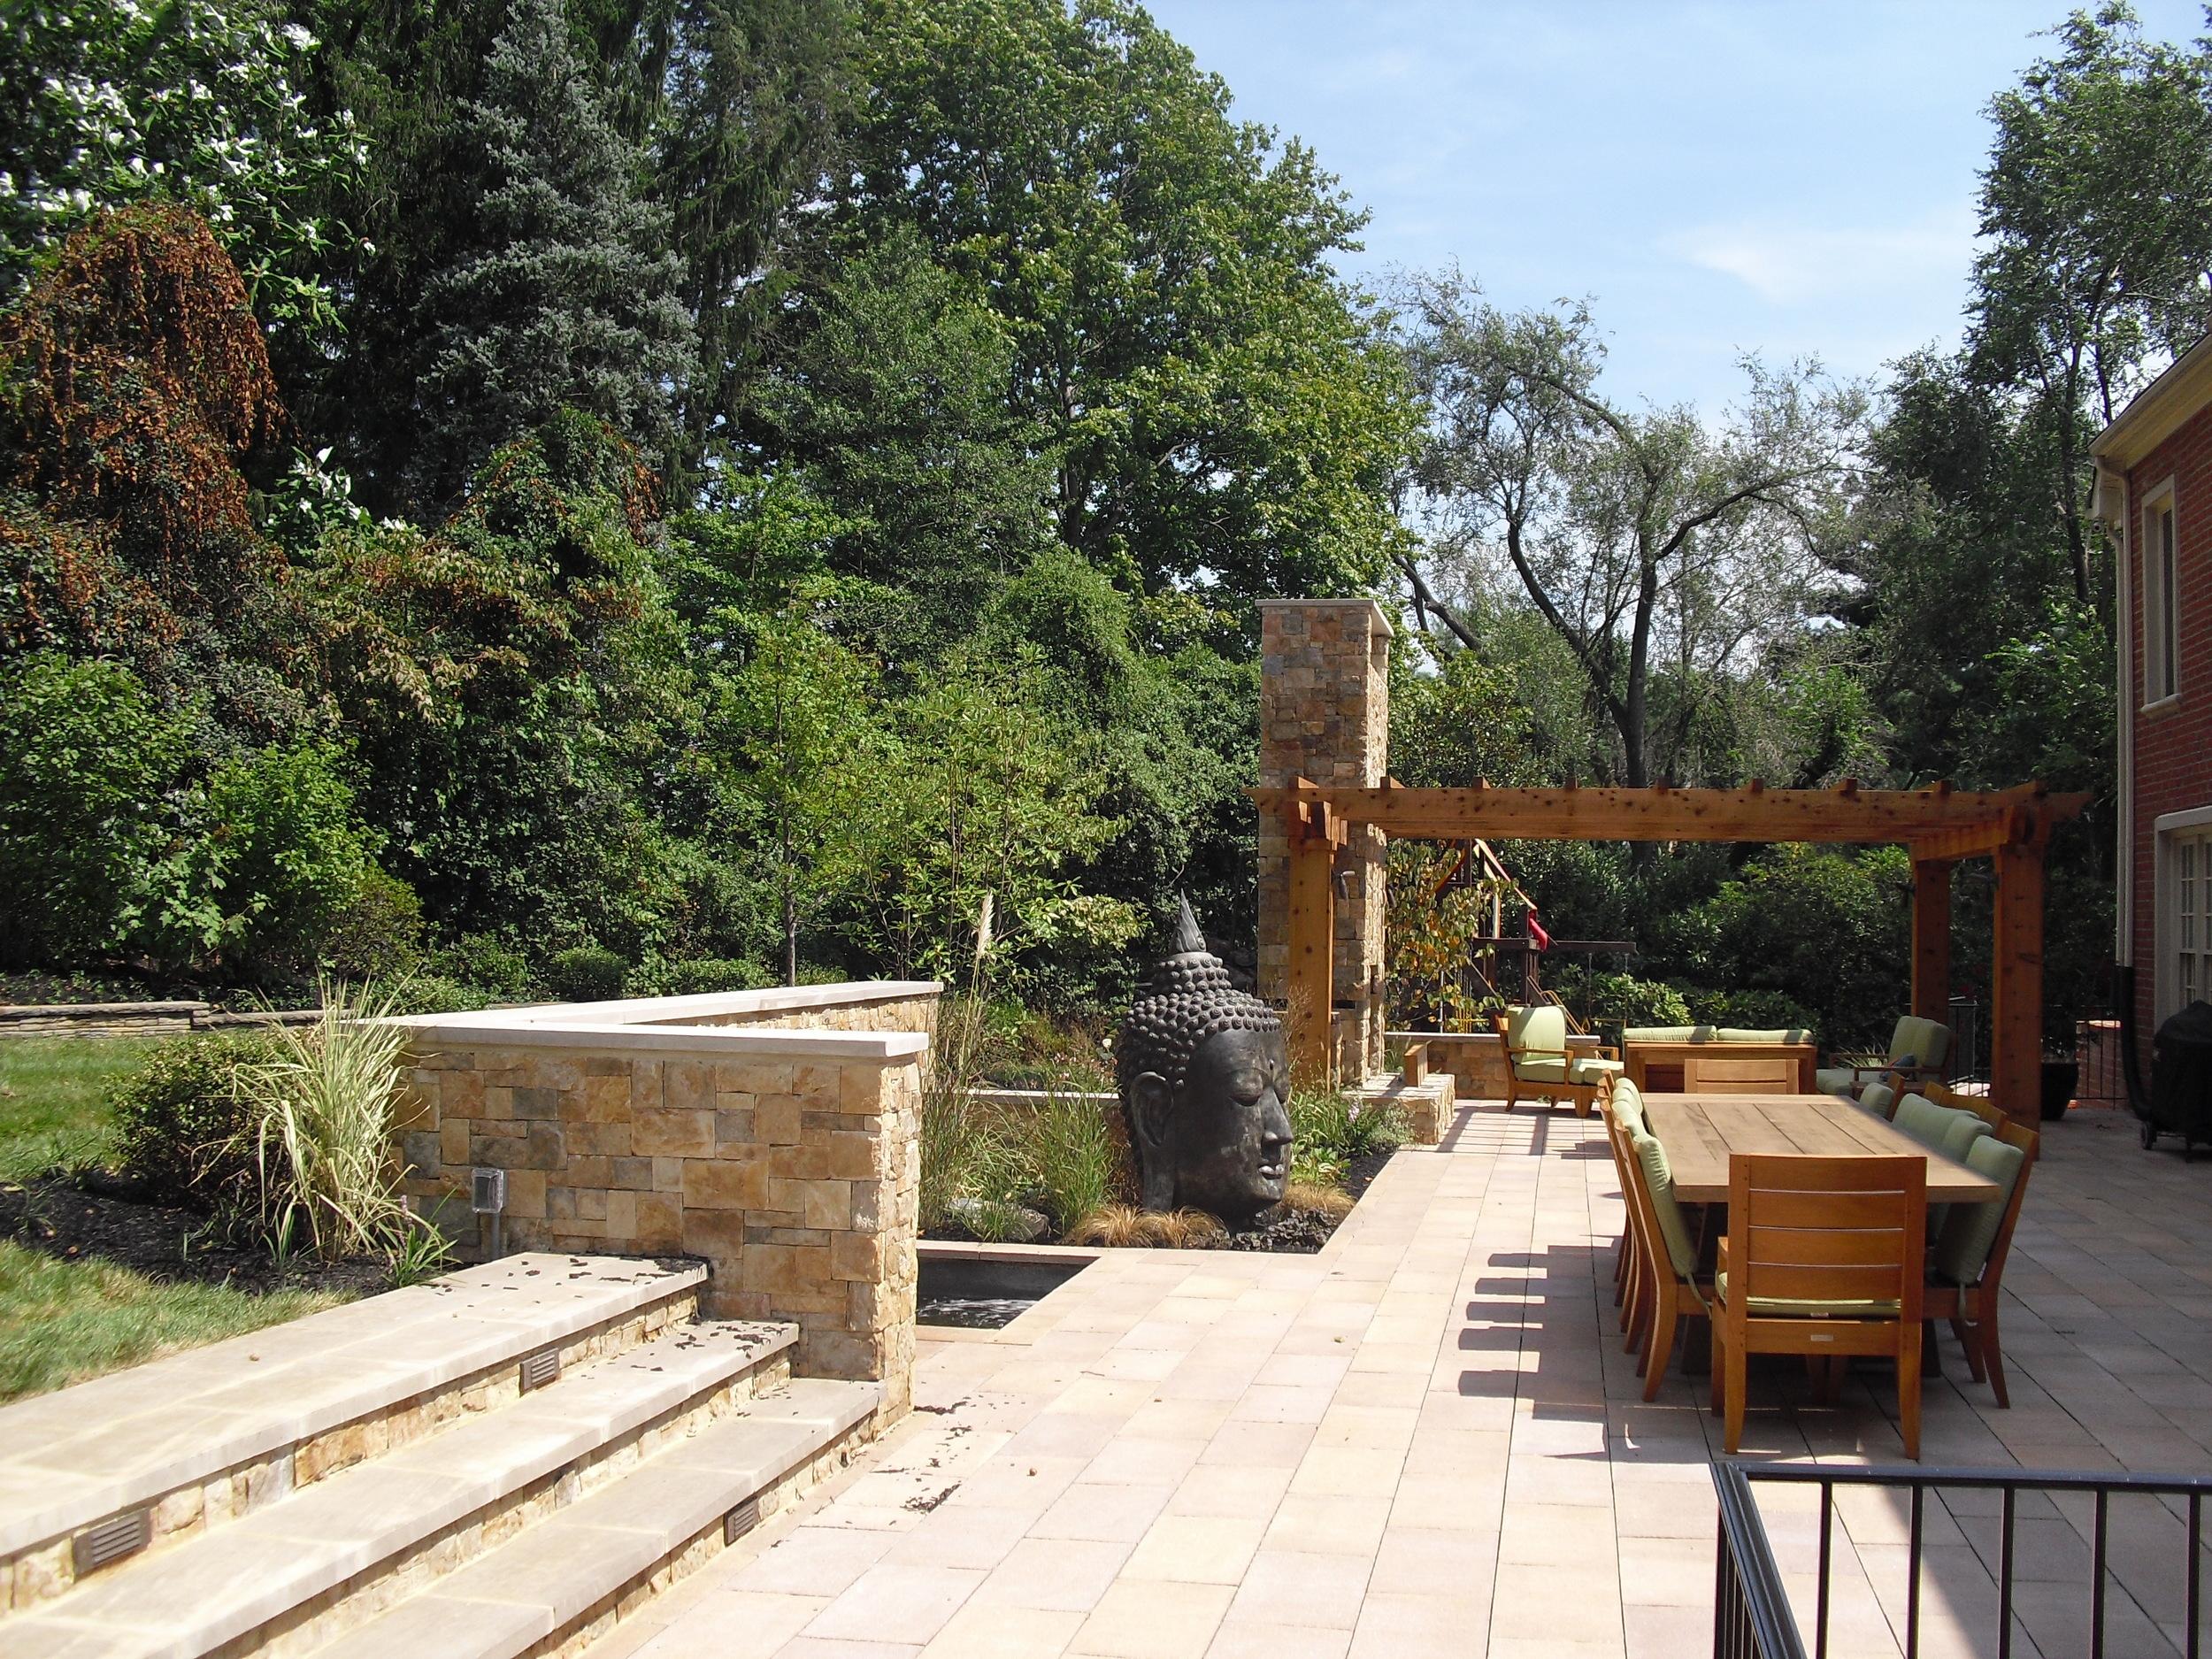 Petro_Rooftop Garden 009.jpg